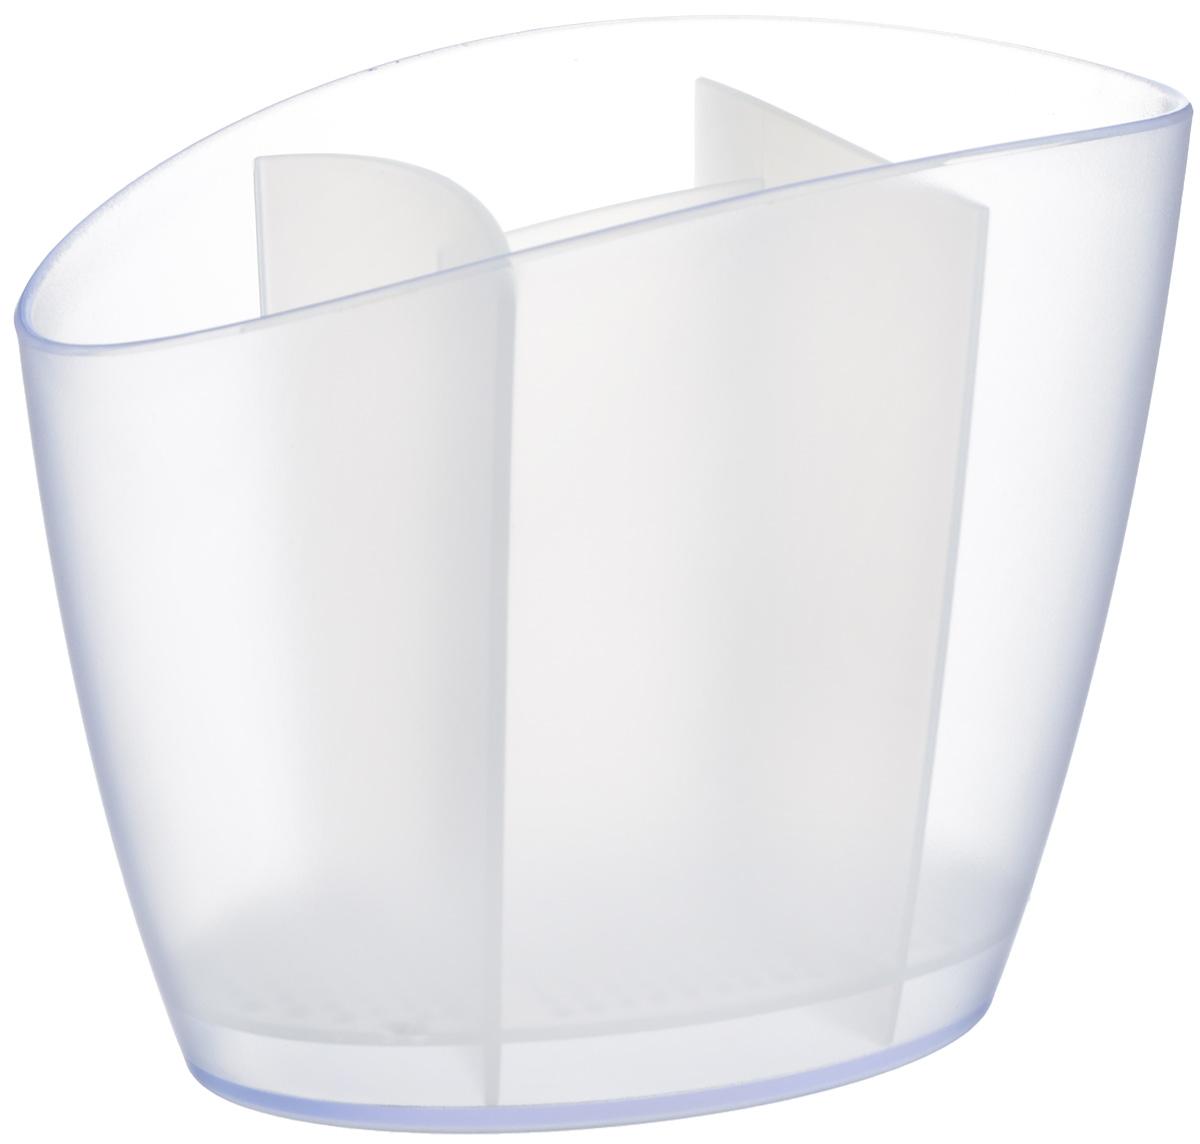 Сушилка для столовых приборов Tescoma Clean Kit, цвет: белый, 19,5 х 11 х 15,5 смVT-1520(SR)Сушилка Tescoma Clean Kit, выполненная из высококачественного пластика, прекрасно подходит для сушки столовых приборов. Для легкости очищения снабжена съемной подставкой для стока воды. Изделие хорошо впишется в интерьер, не займет много места, а столовые приборы будут всегда под рукой.Можно мыть в посудомоечной машине.Размер изделия: 19,5 х 11 х 15,5 см.